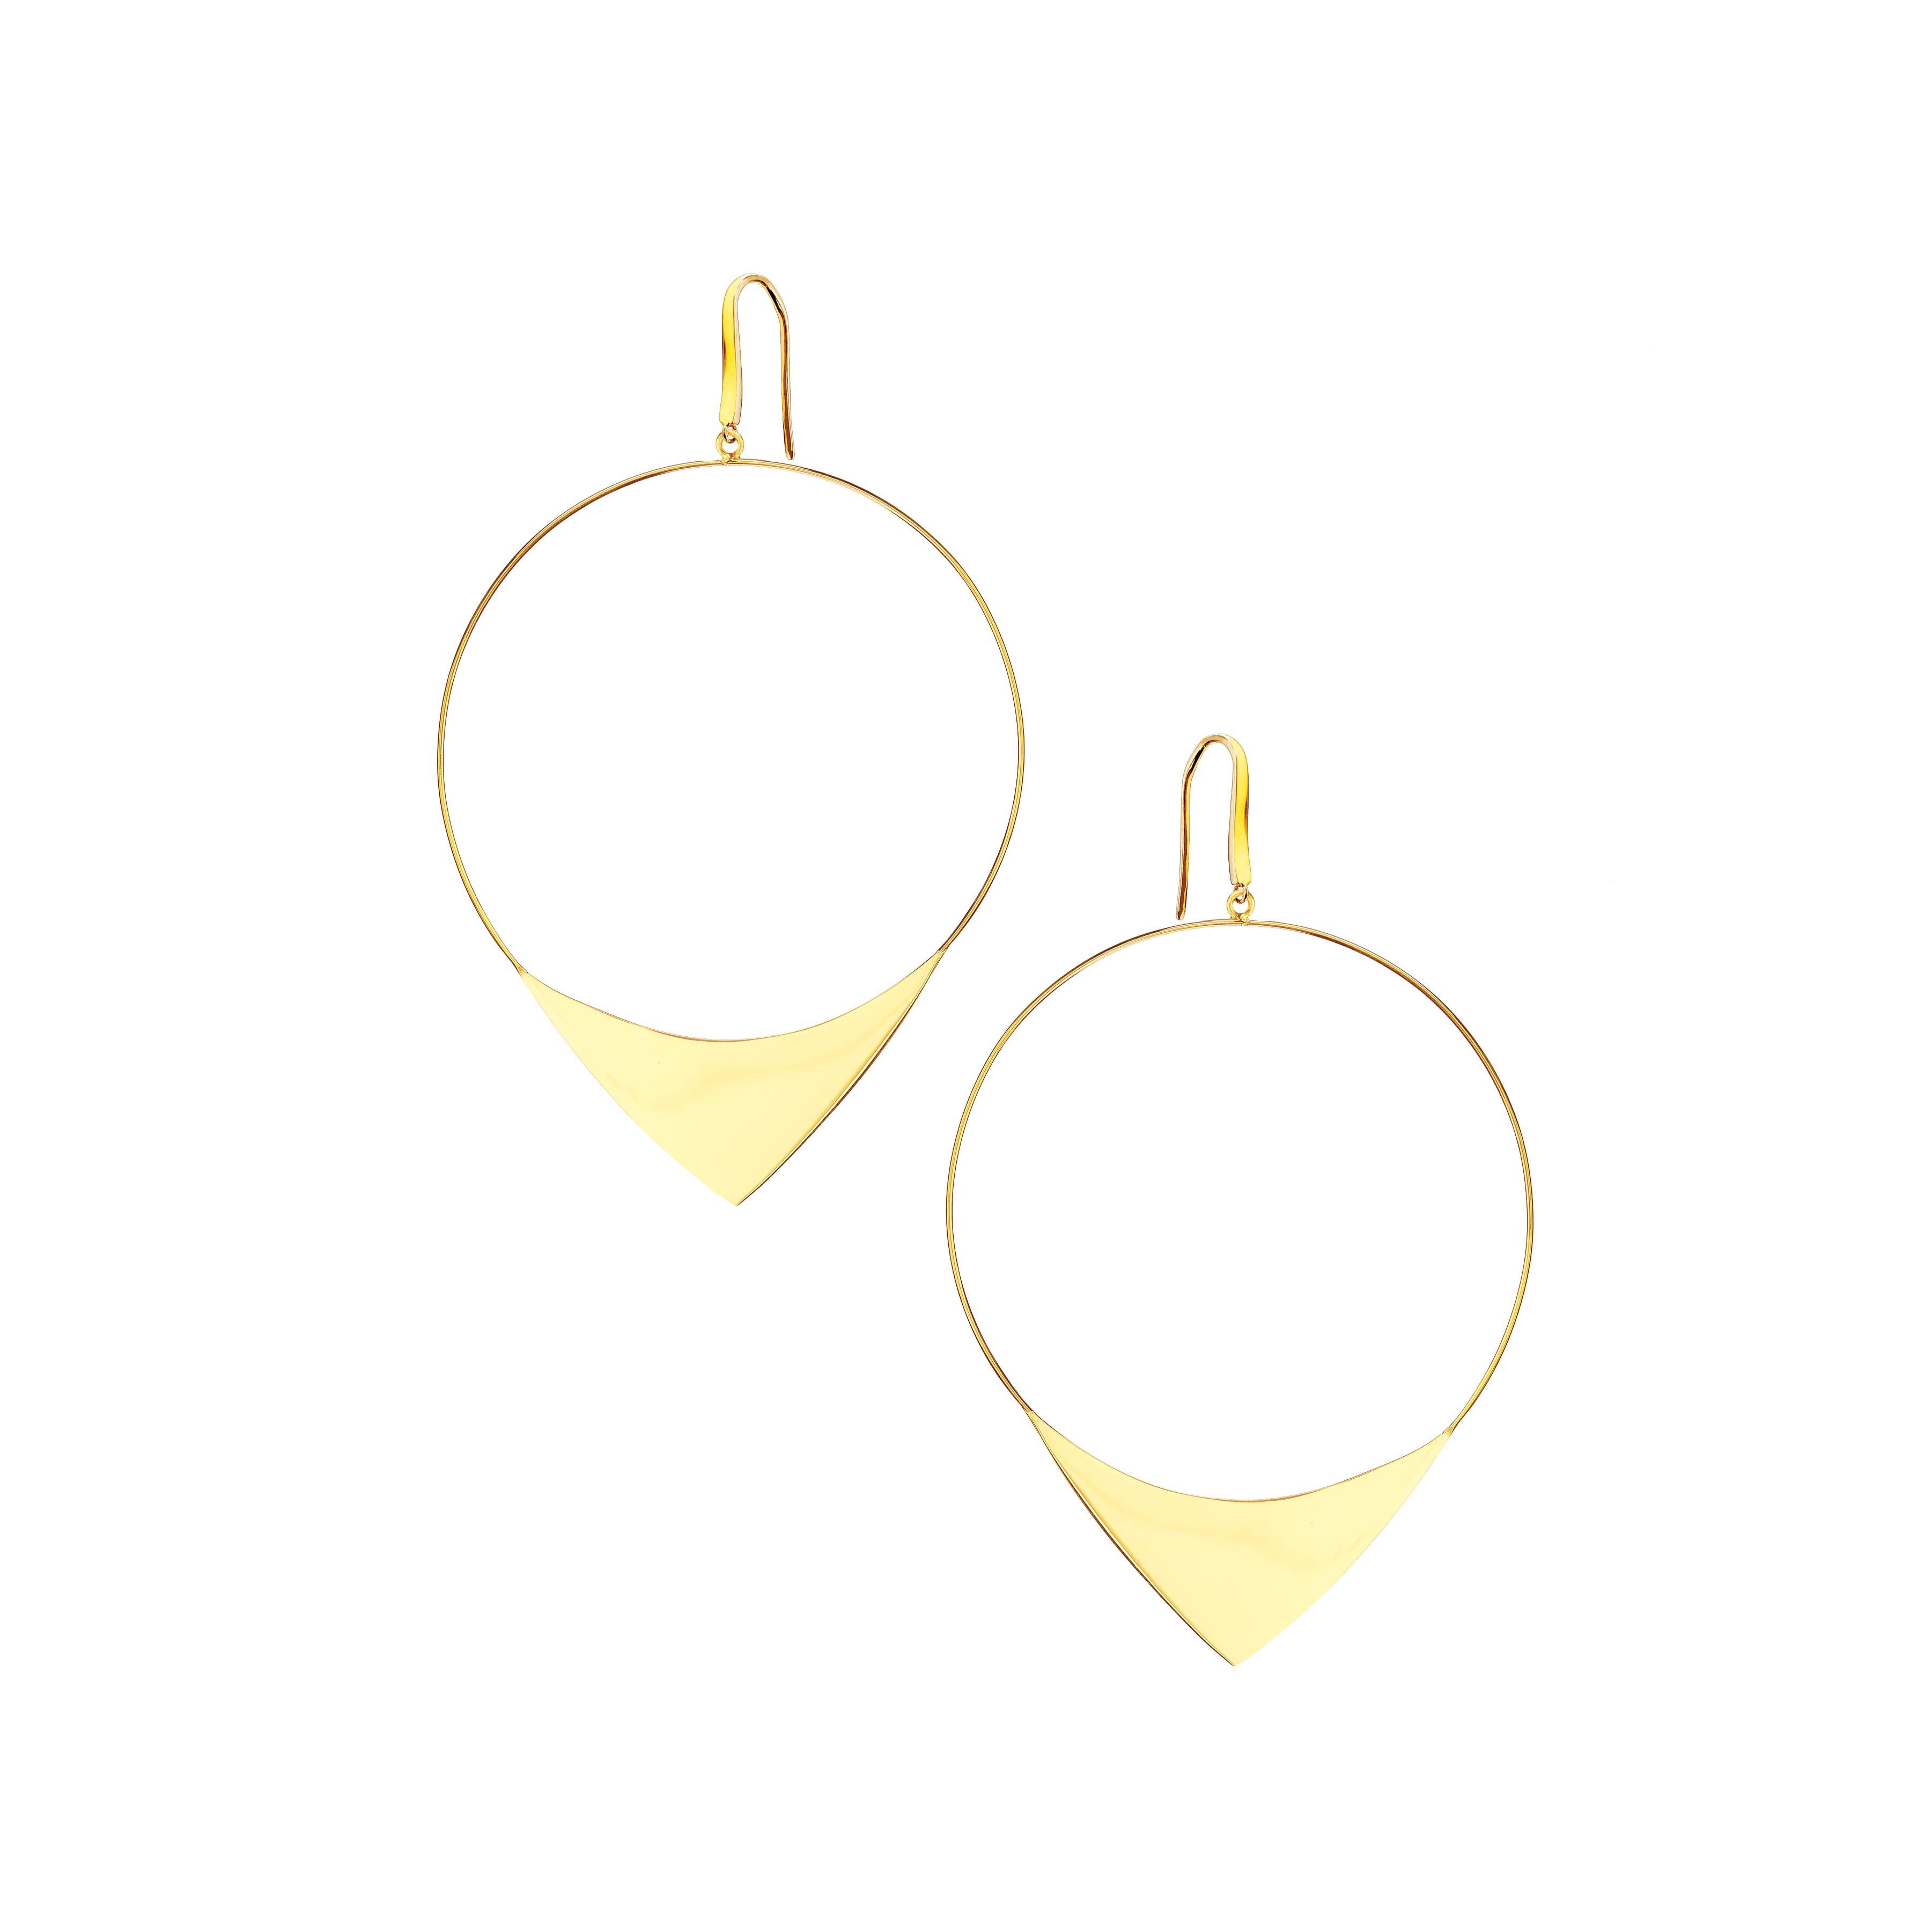 New Lana Jewelry Large Elite Hoop Earrings